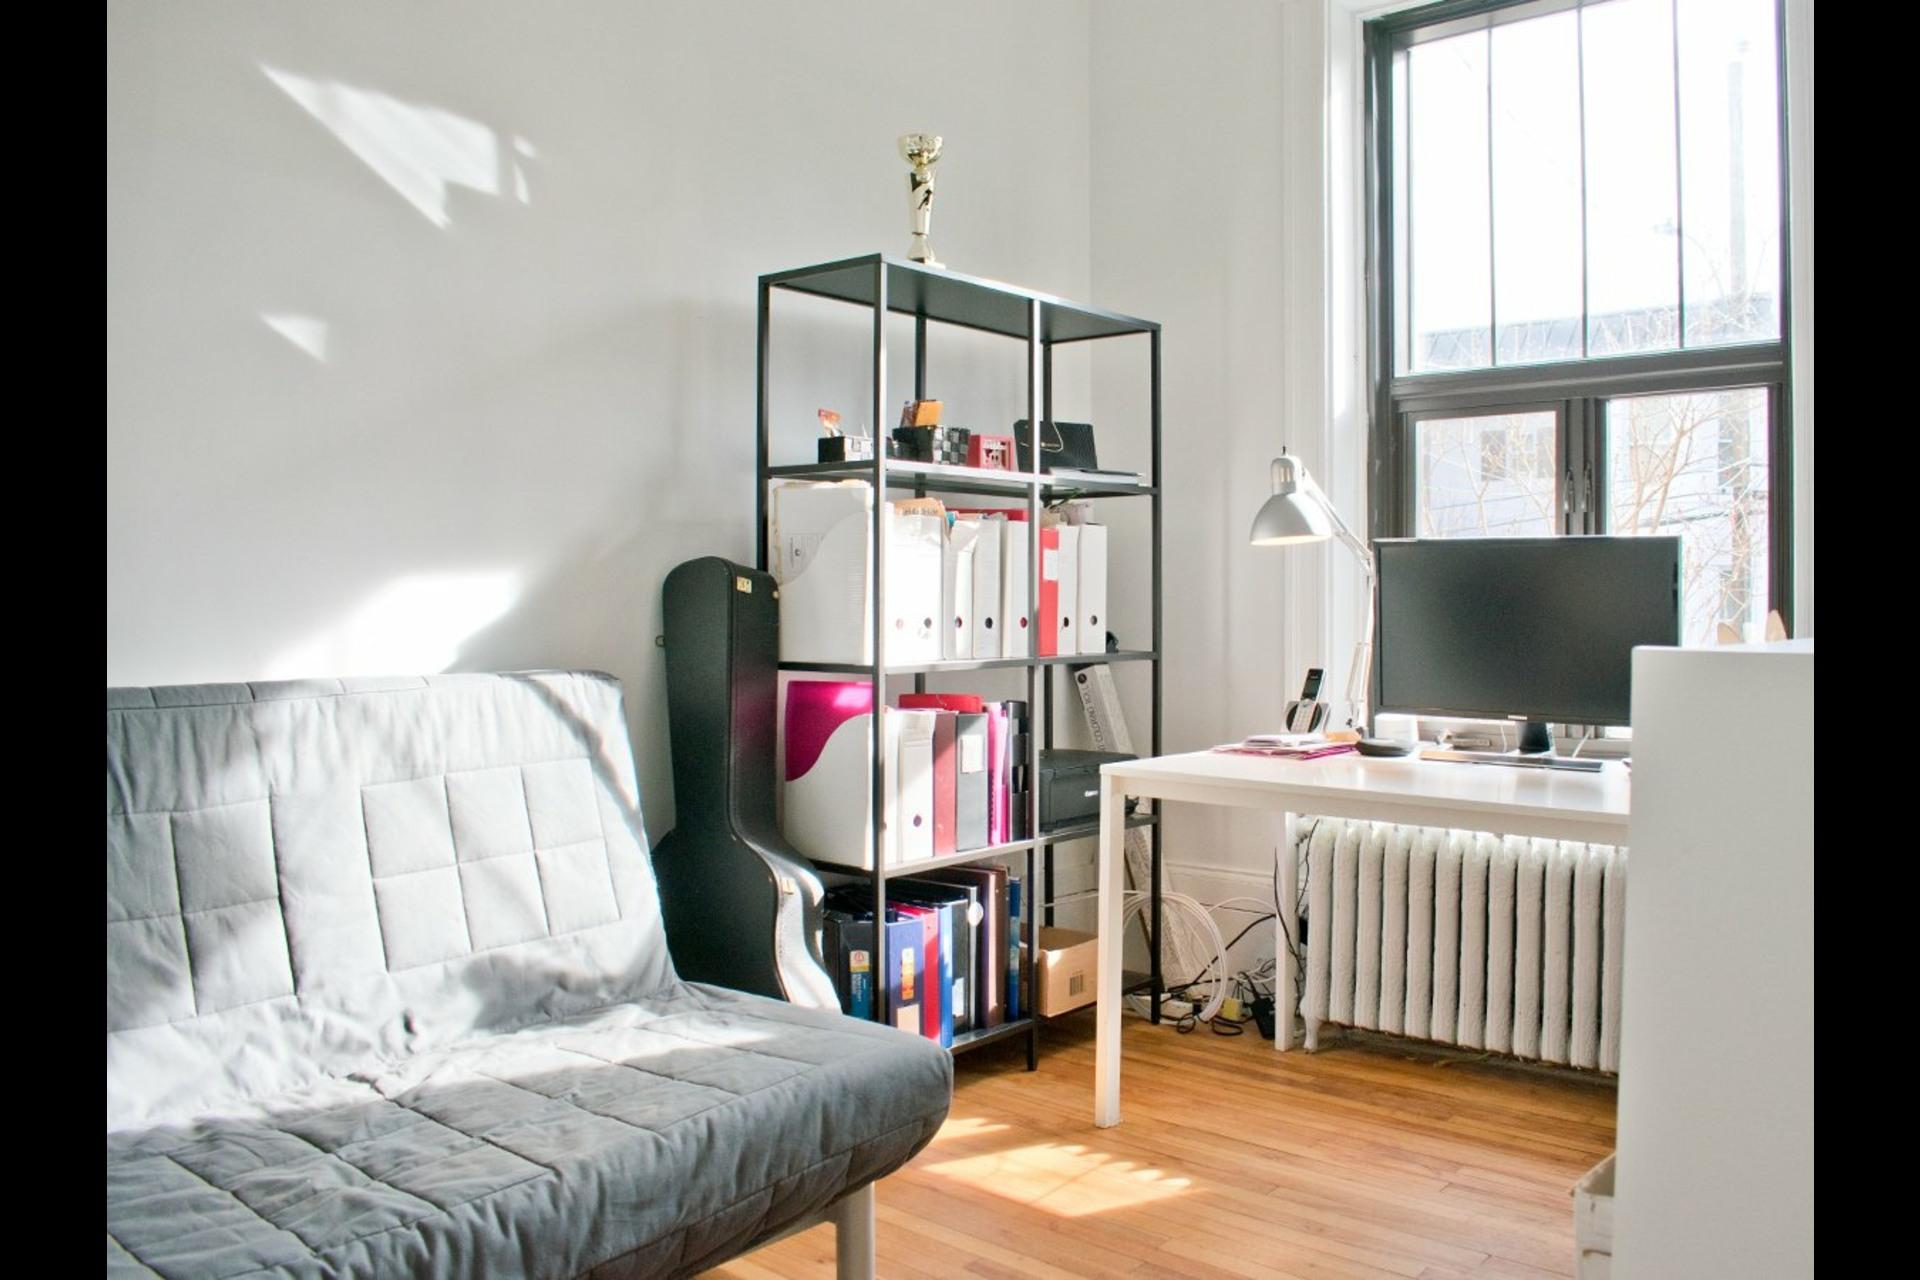 image 9 - Maison À vendre Côte-des-Neiges/Notre-Dame-de-Grâce Montréal  - 14 pièces